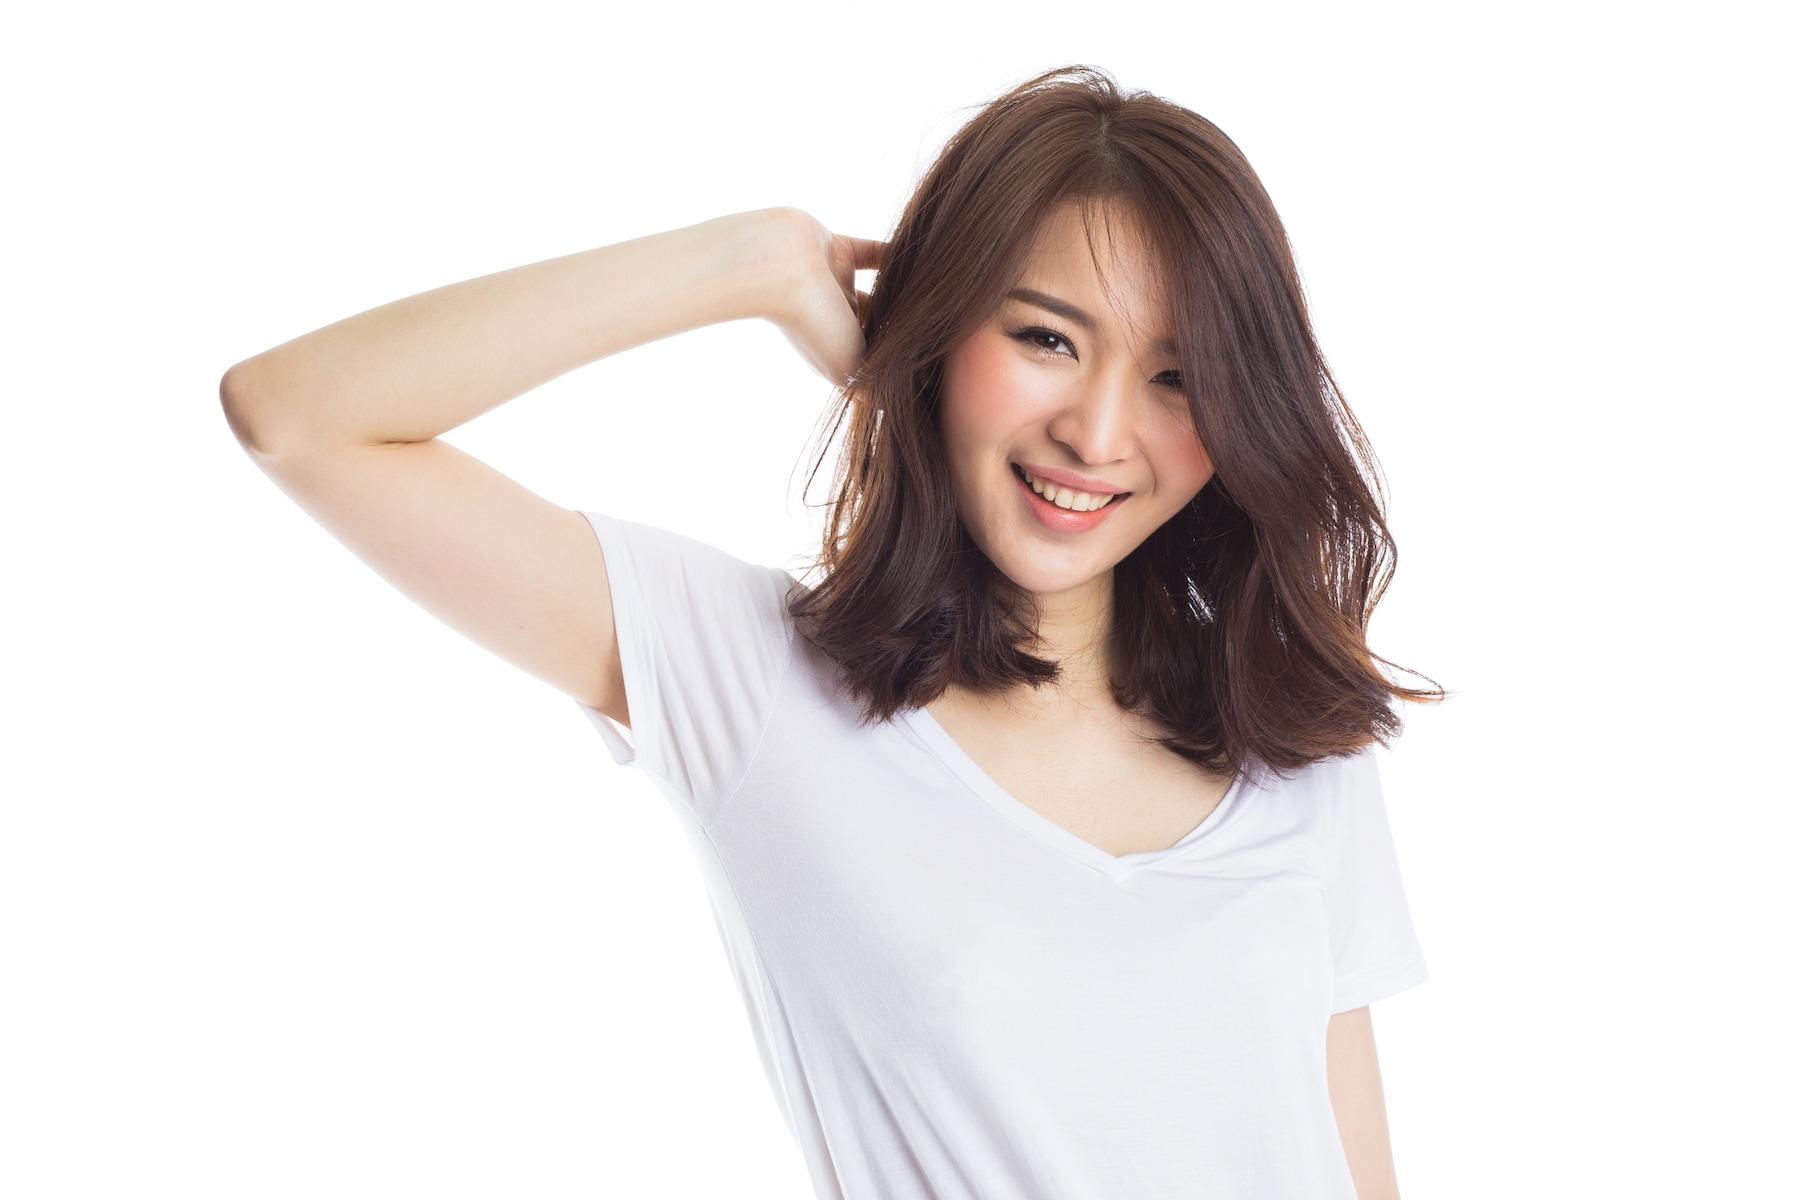 Wanita asia dengan warna rambut caramel brown